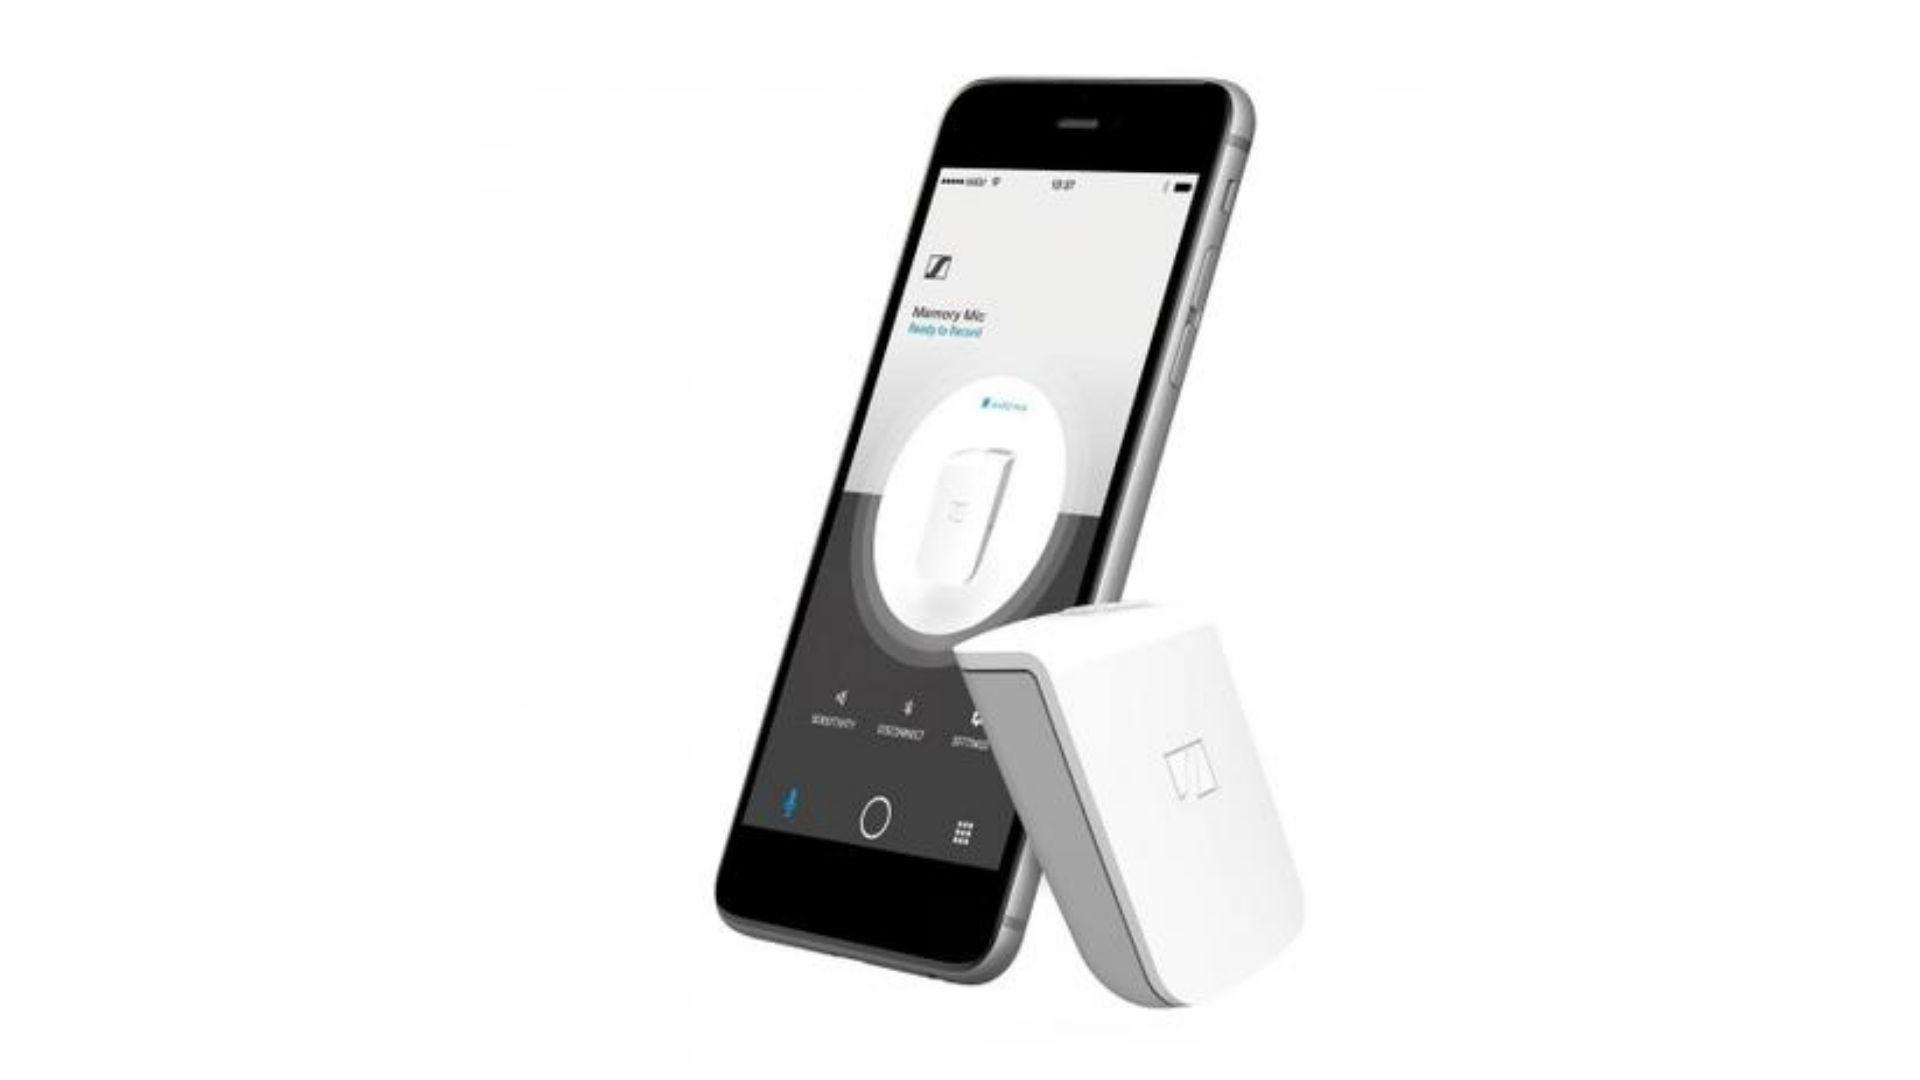 Microfone para celular tecnológico branco com smartphone preto no fundo